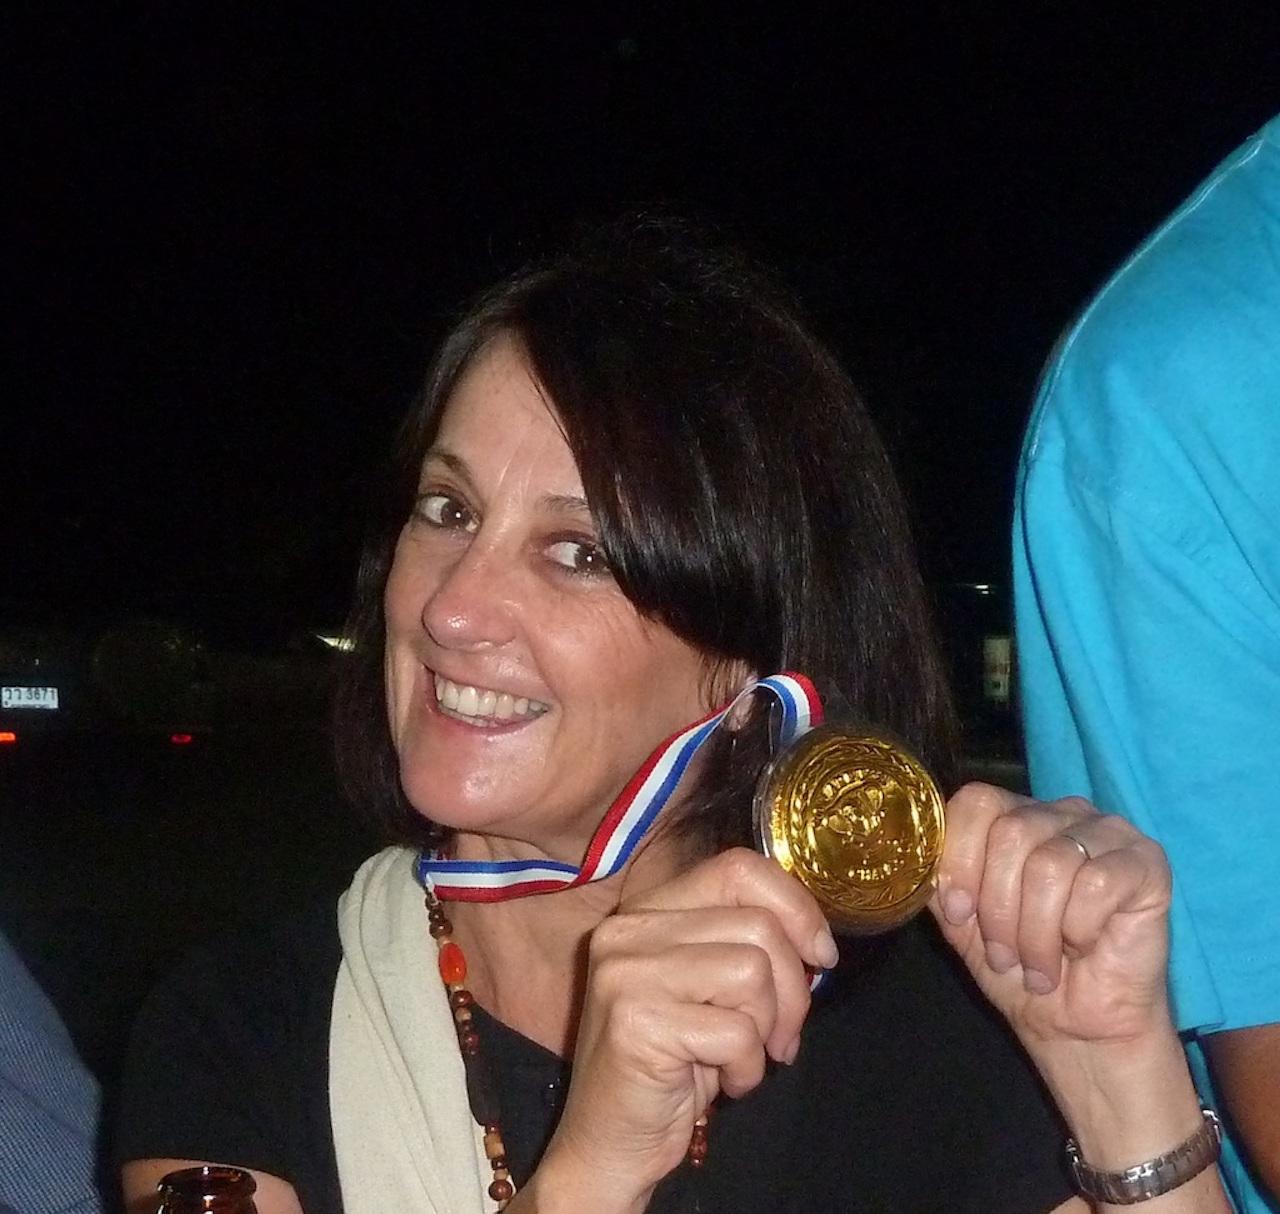 Winning mojo medals